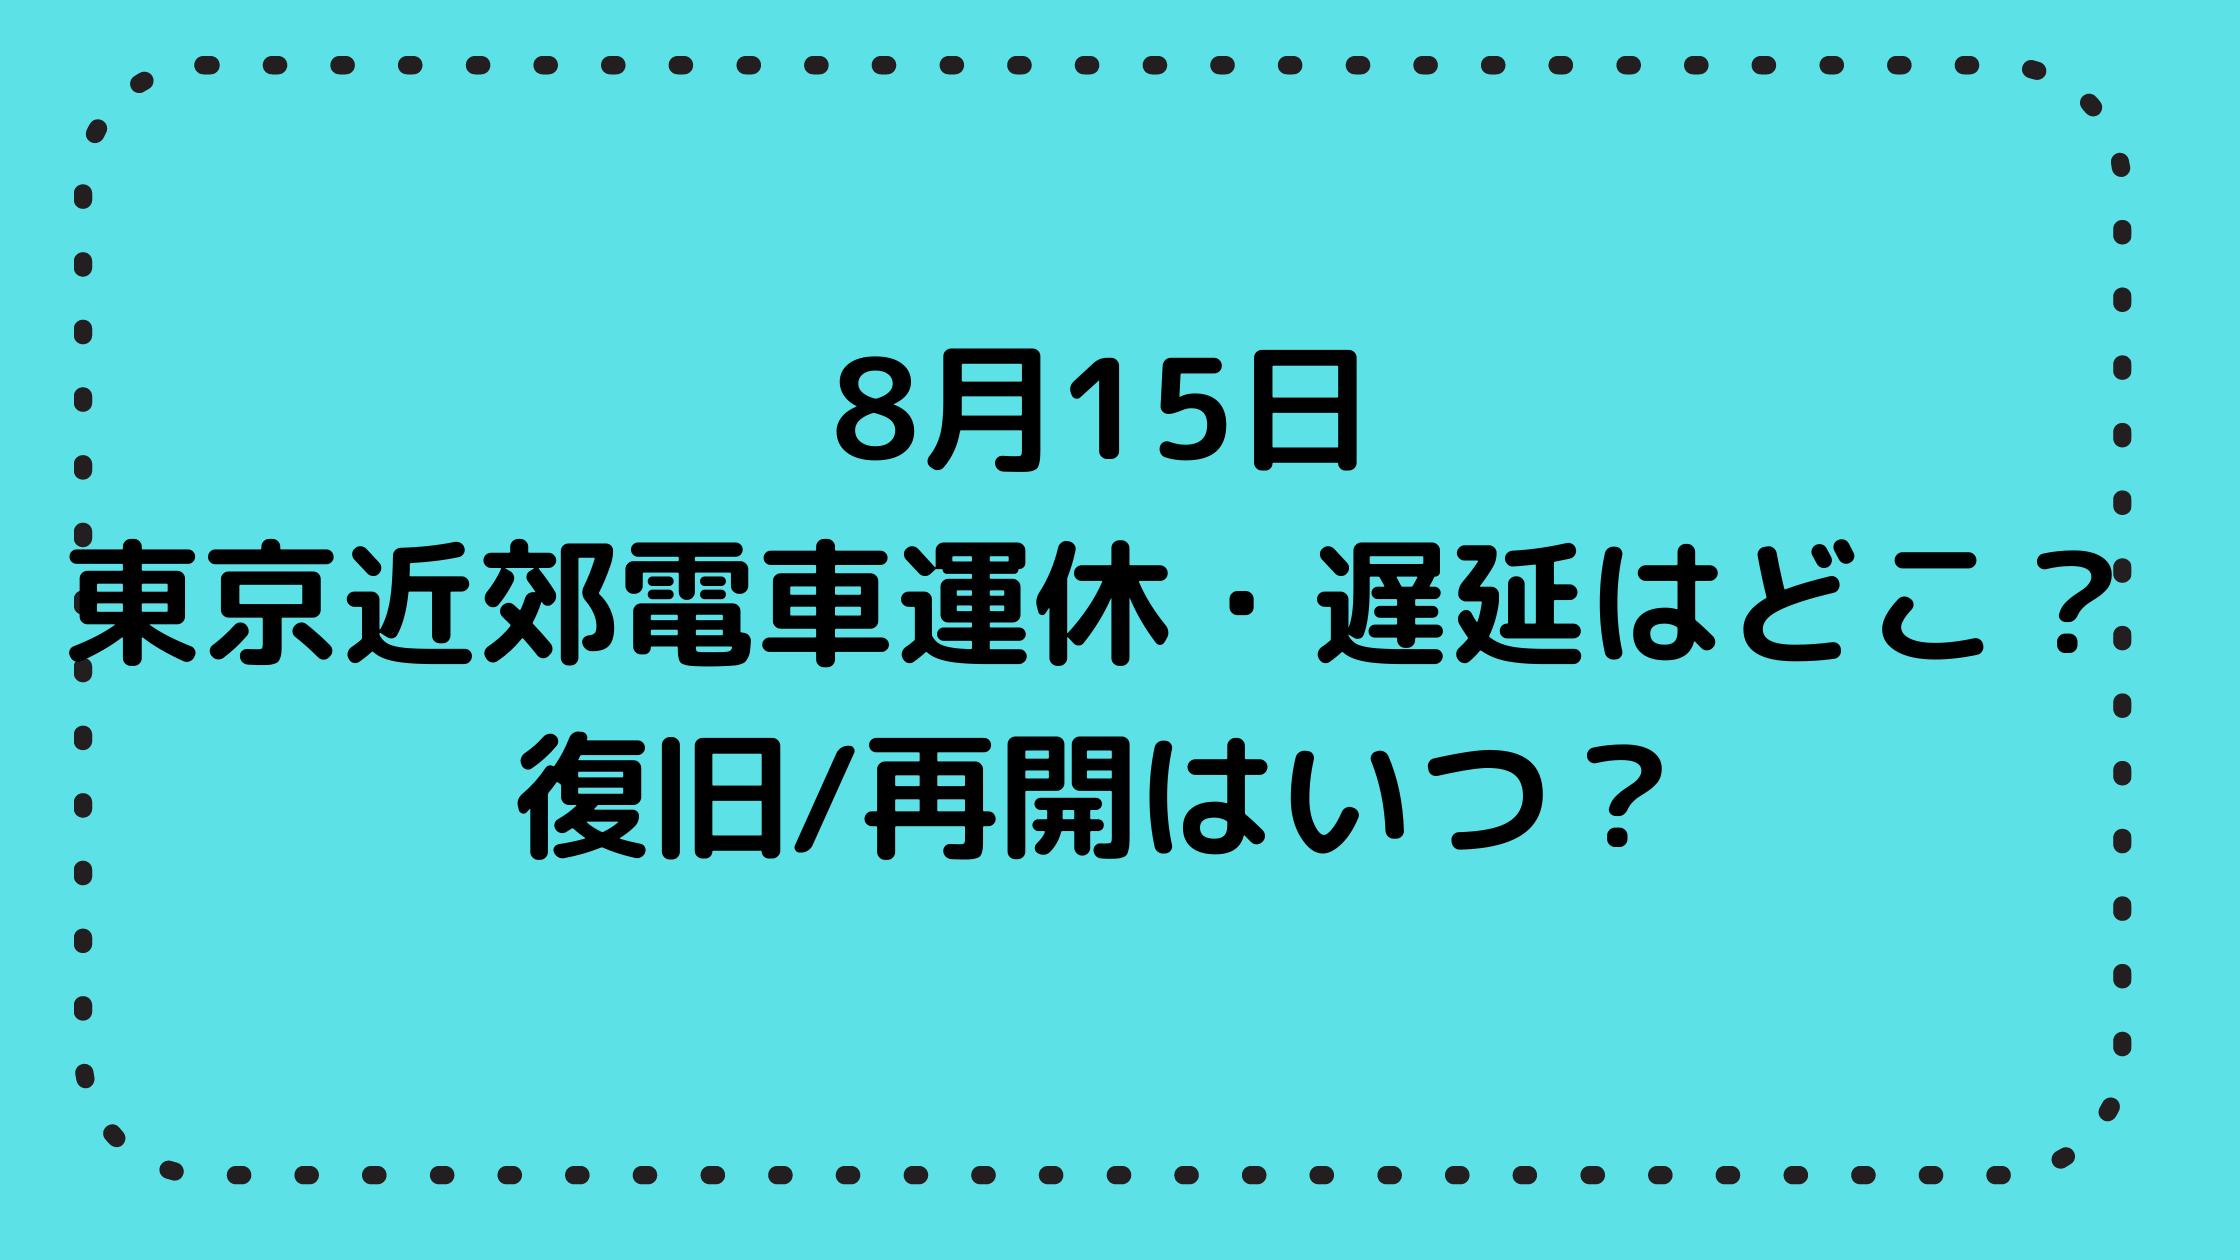 8月15日 大坂・京都(関西)の電車運休エリアは? 復旧再開はいつ? (1)